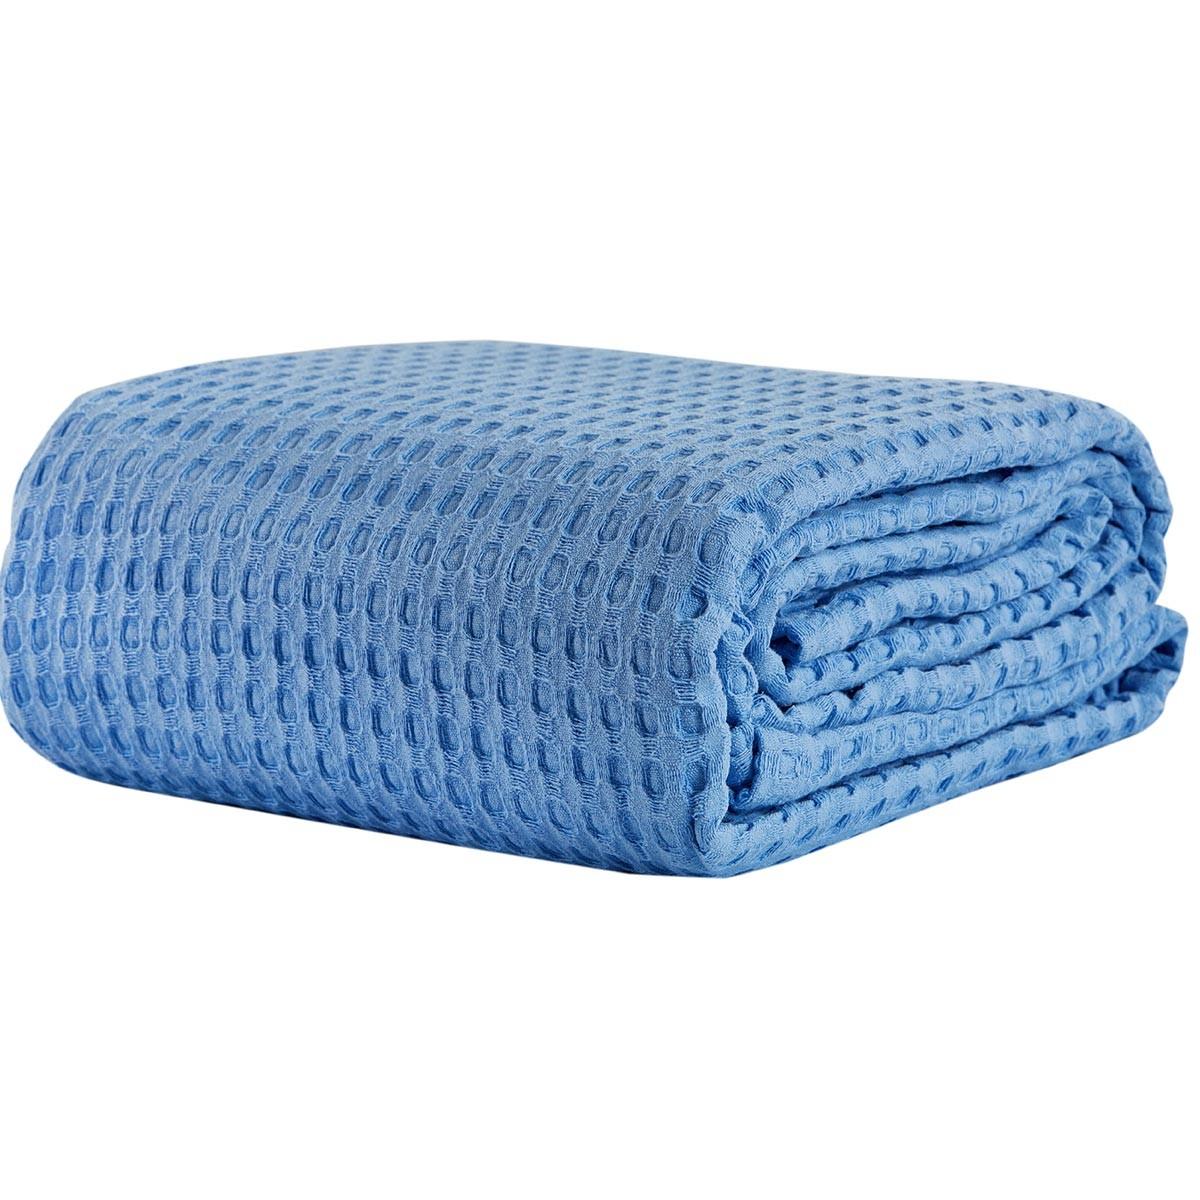 Κουβέρτα Πικέ Υπέρδιπλη White Egg ΚΠ10Η Μπλε 69545